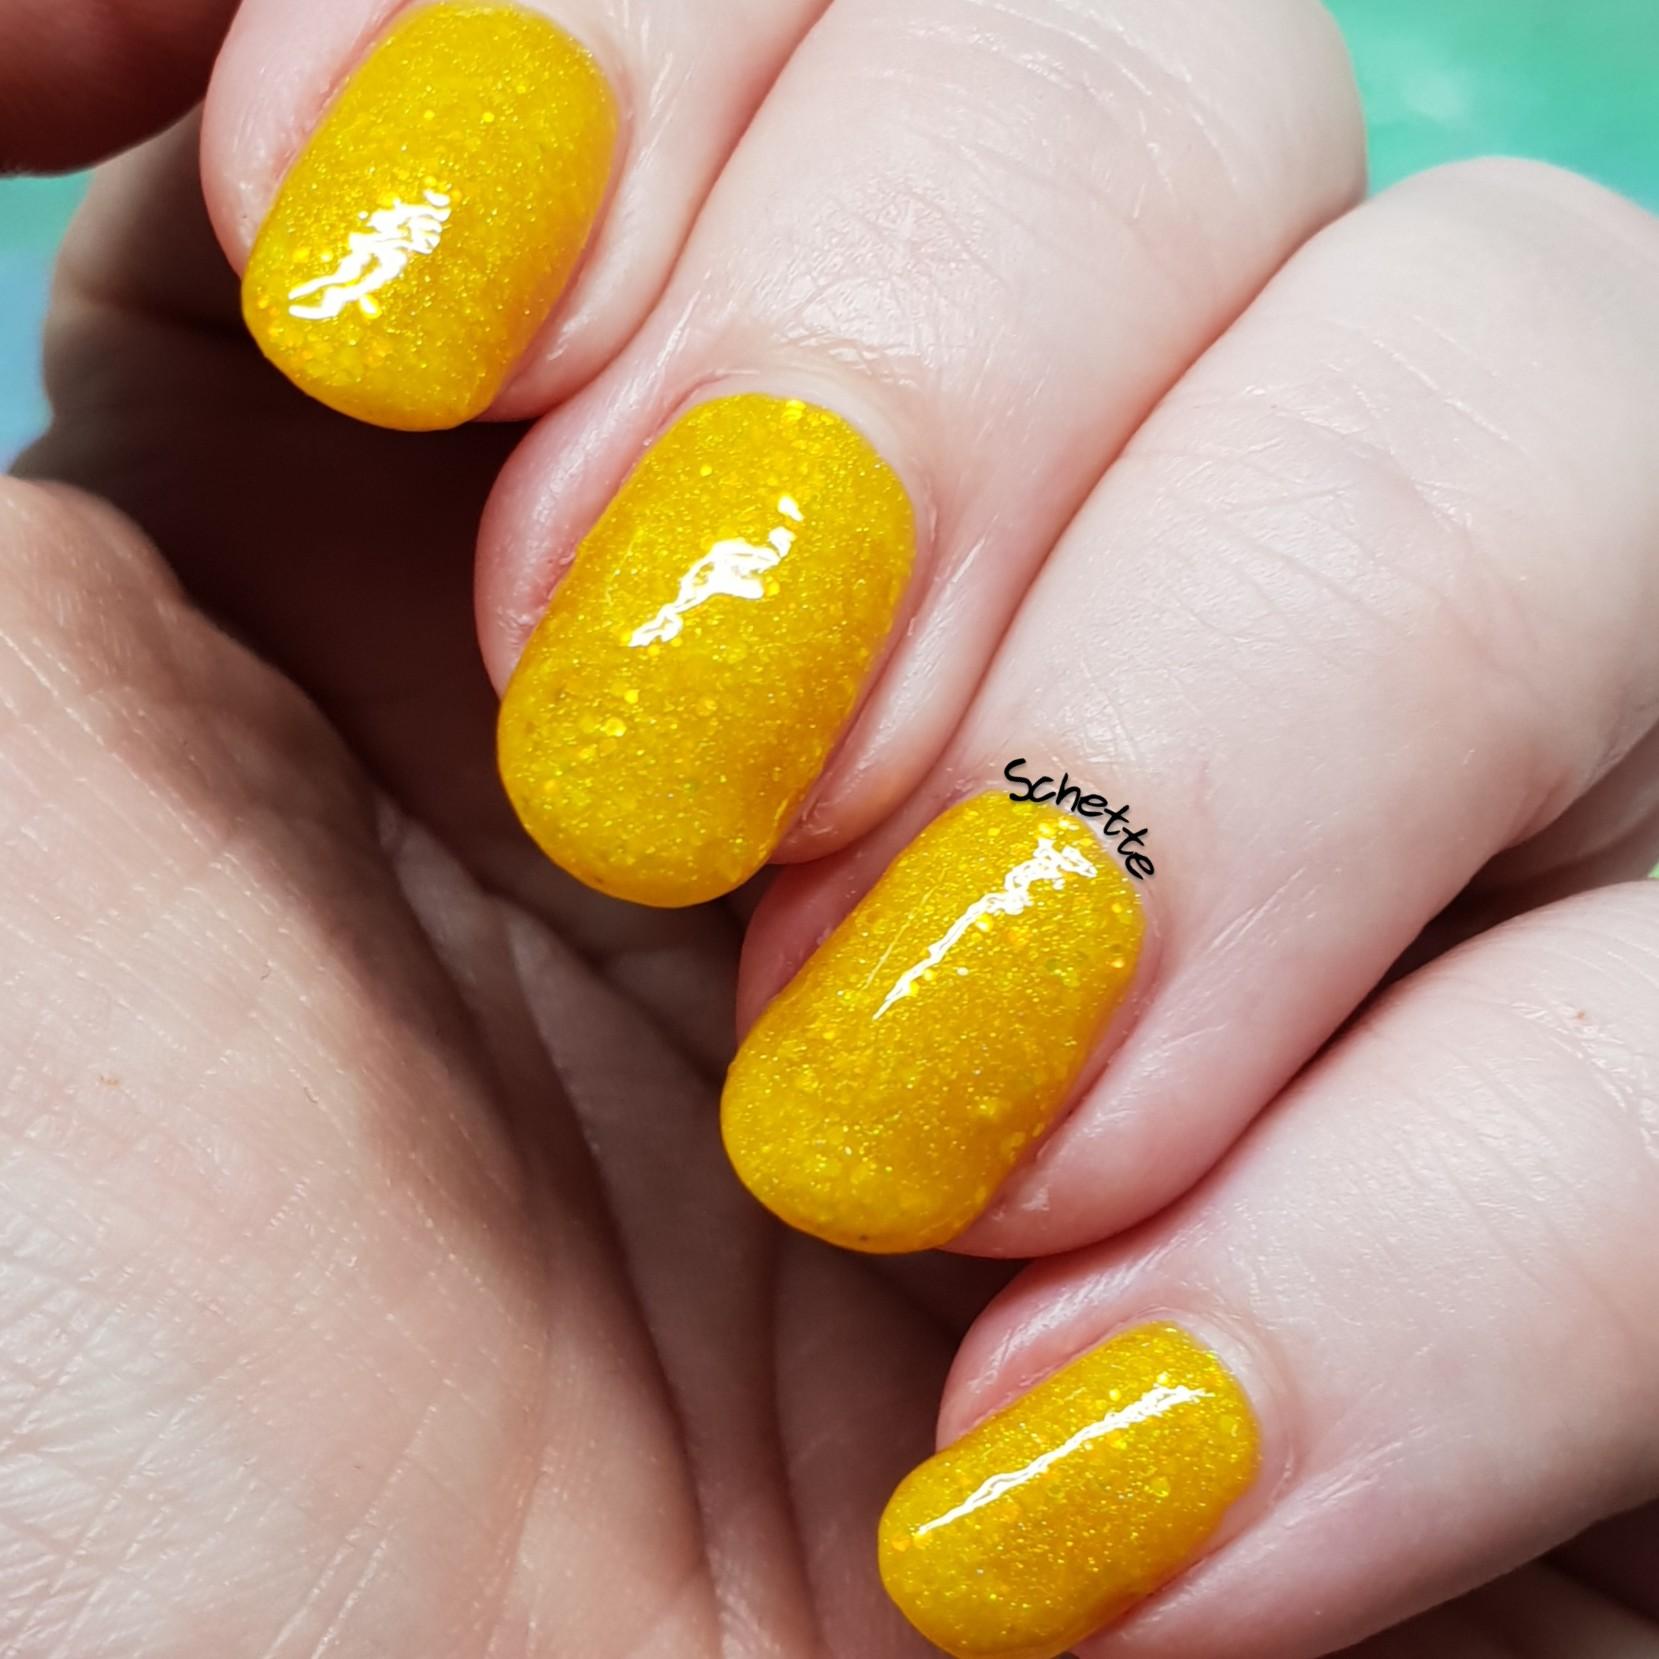 Enchanted Polish - Opal Lemonade